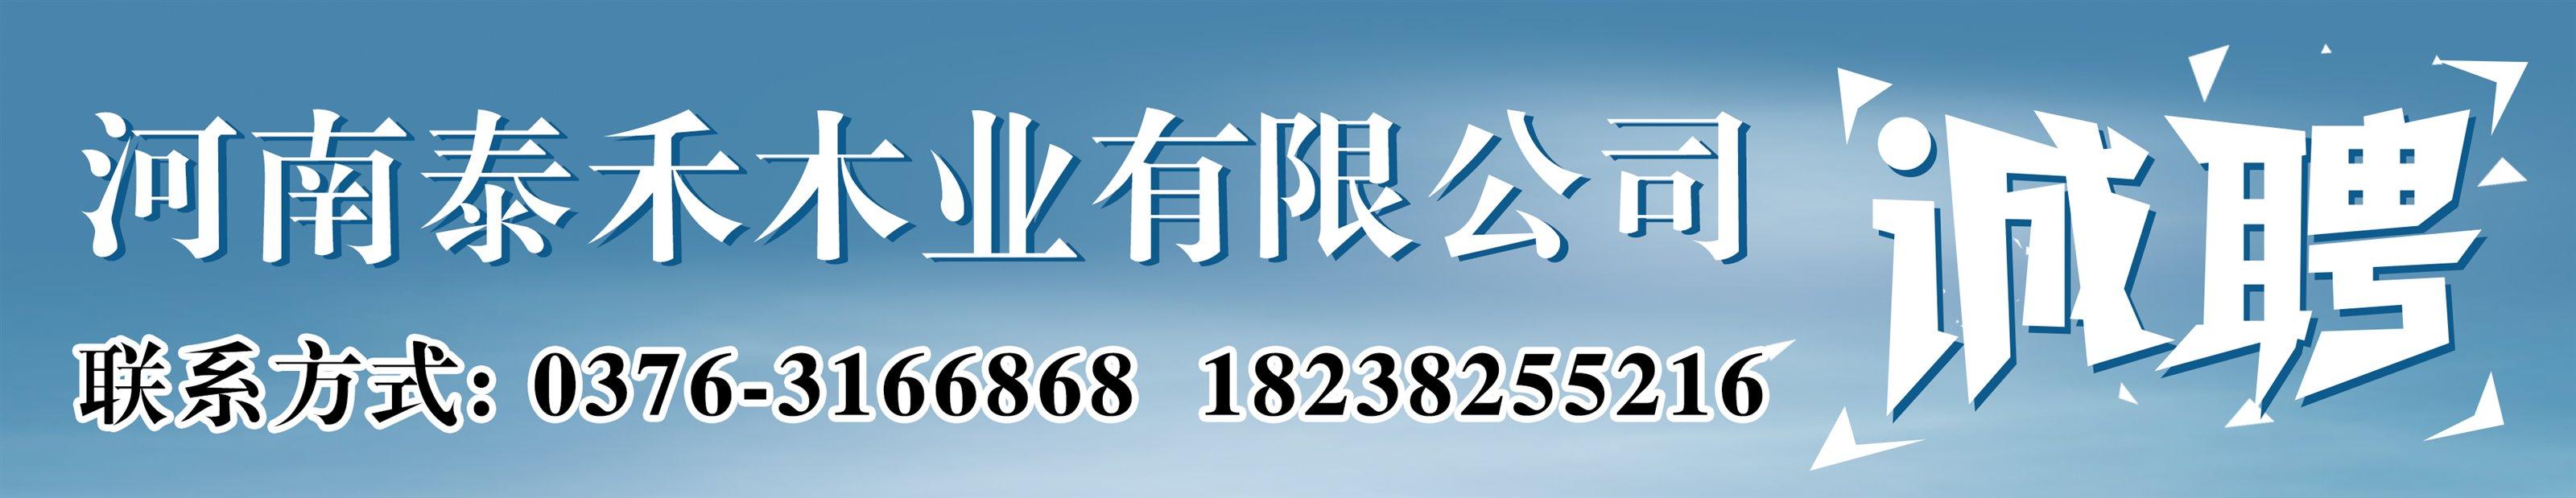 河南泰禾木业有限公司